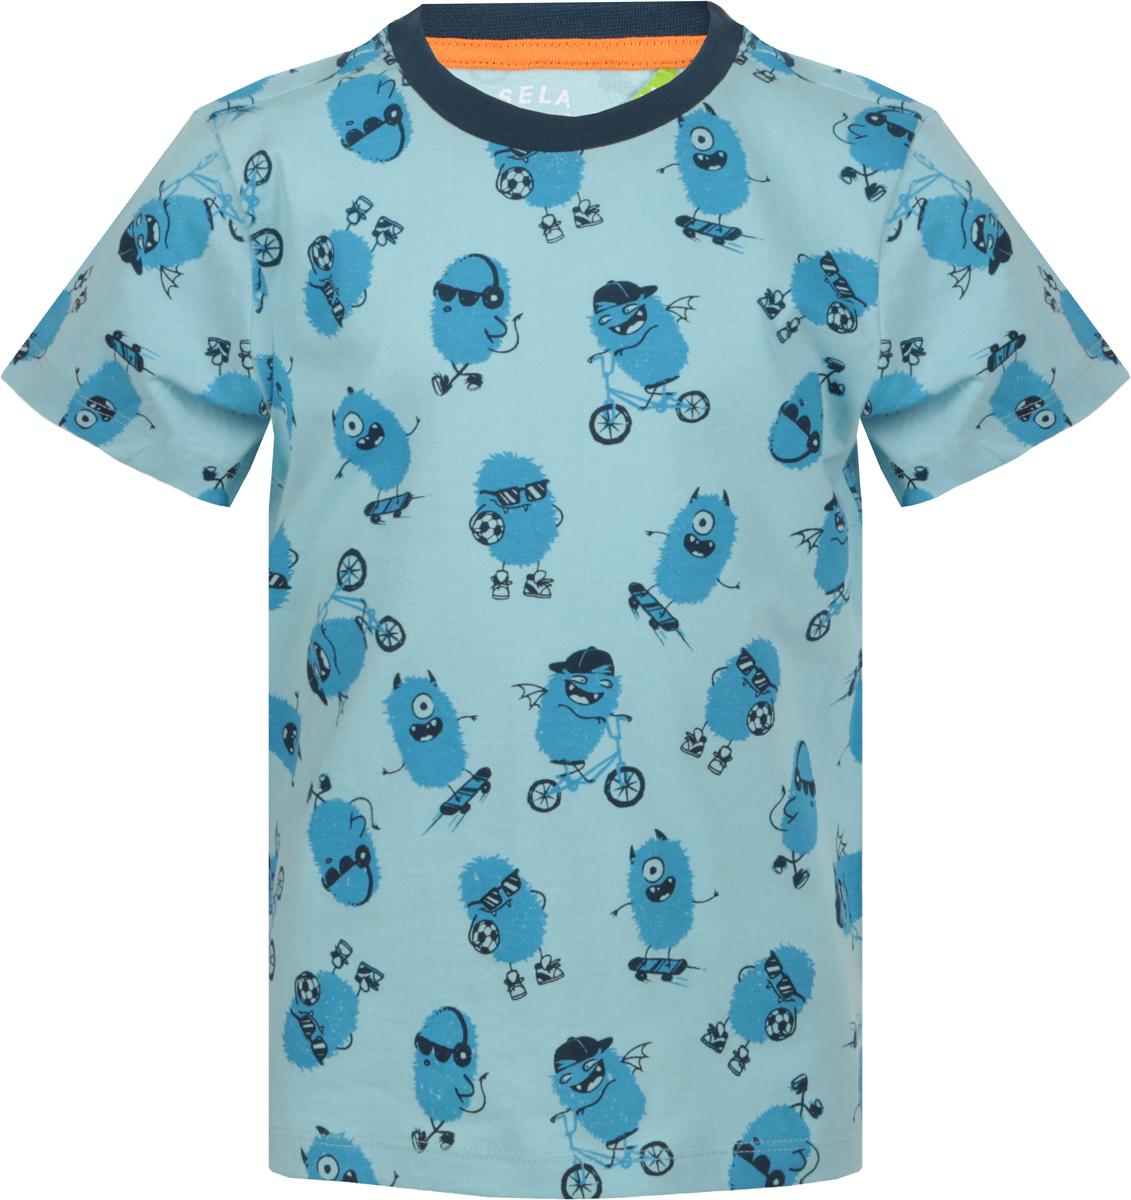 Футболка для мальчика Sela, цвет: снежно-голубой. Ts-711/539-8122. Размер 110, 5 летTs-711/539-8122